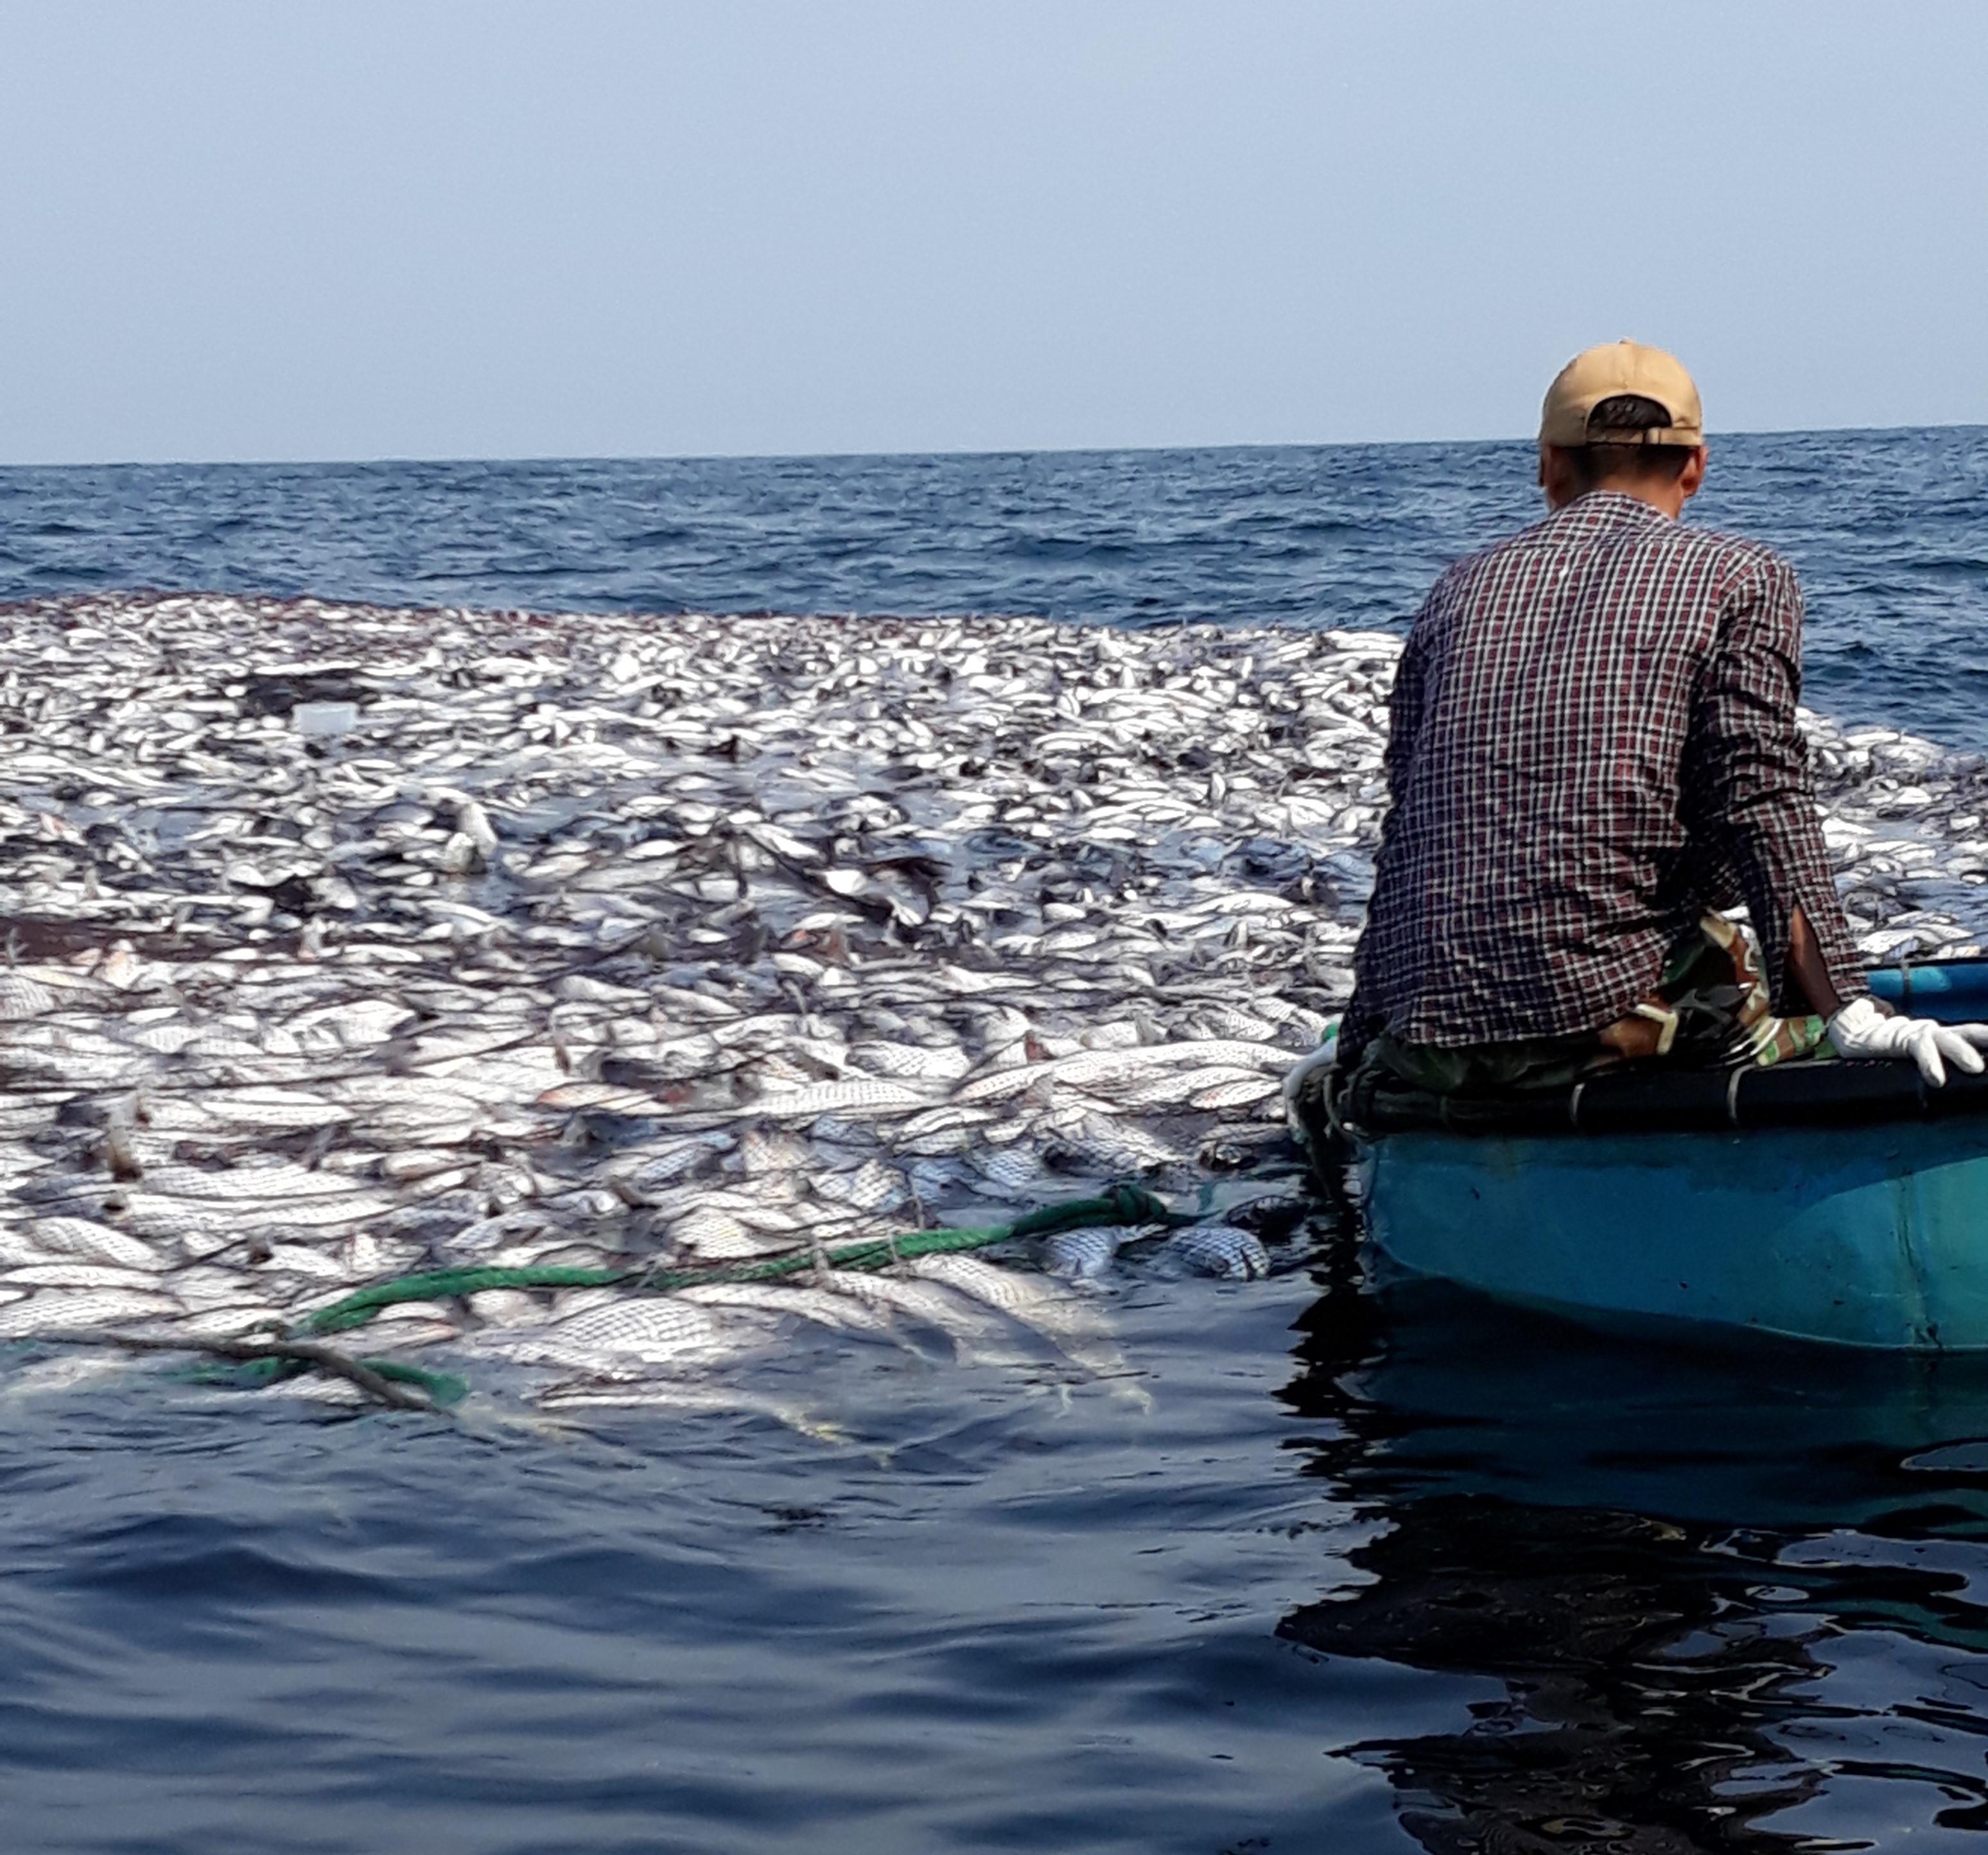 Cận cảnh mẻ cá 120 tấn trên biển, cả chục ngàn con chờ đánh bắt Ảnh 6